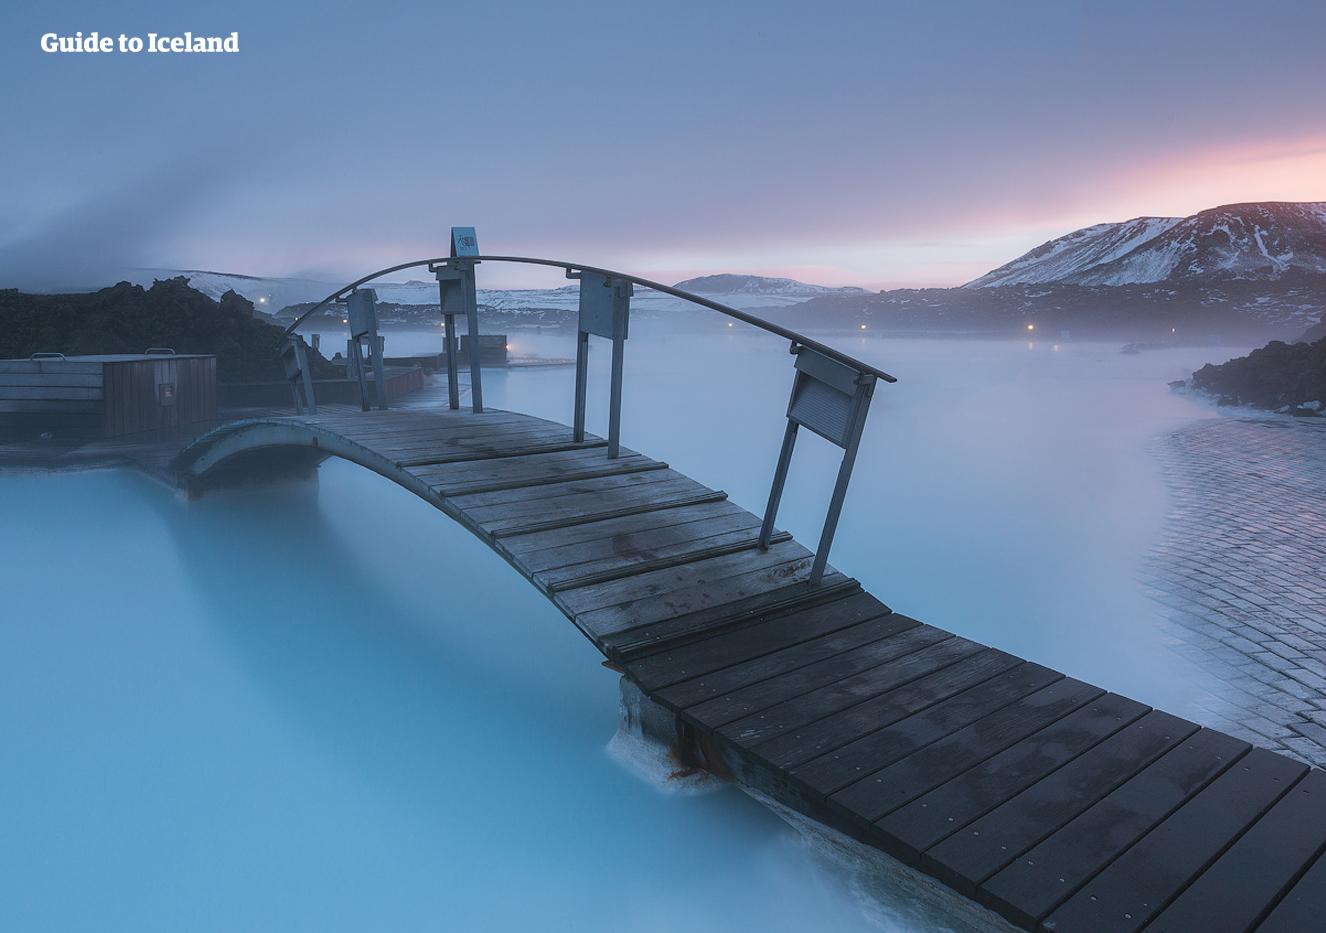 Zwiedzaj półwysep Reykjanes, gdzie znajduje się między innymi spa Blue Lagoon.